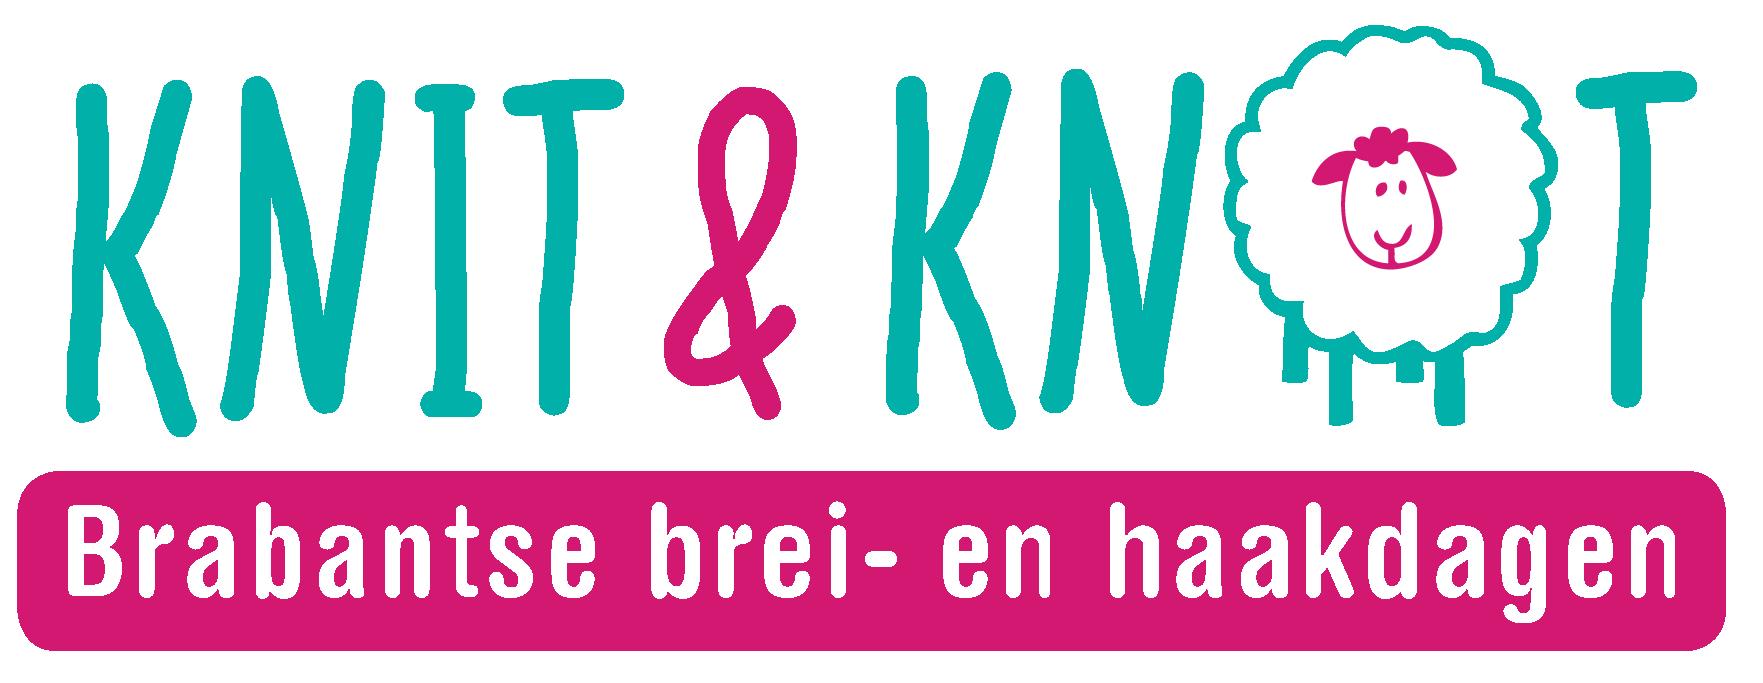 Knit Knot